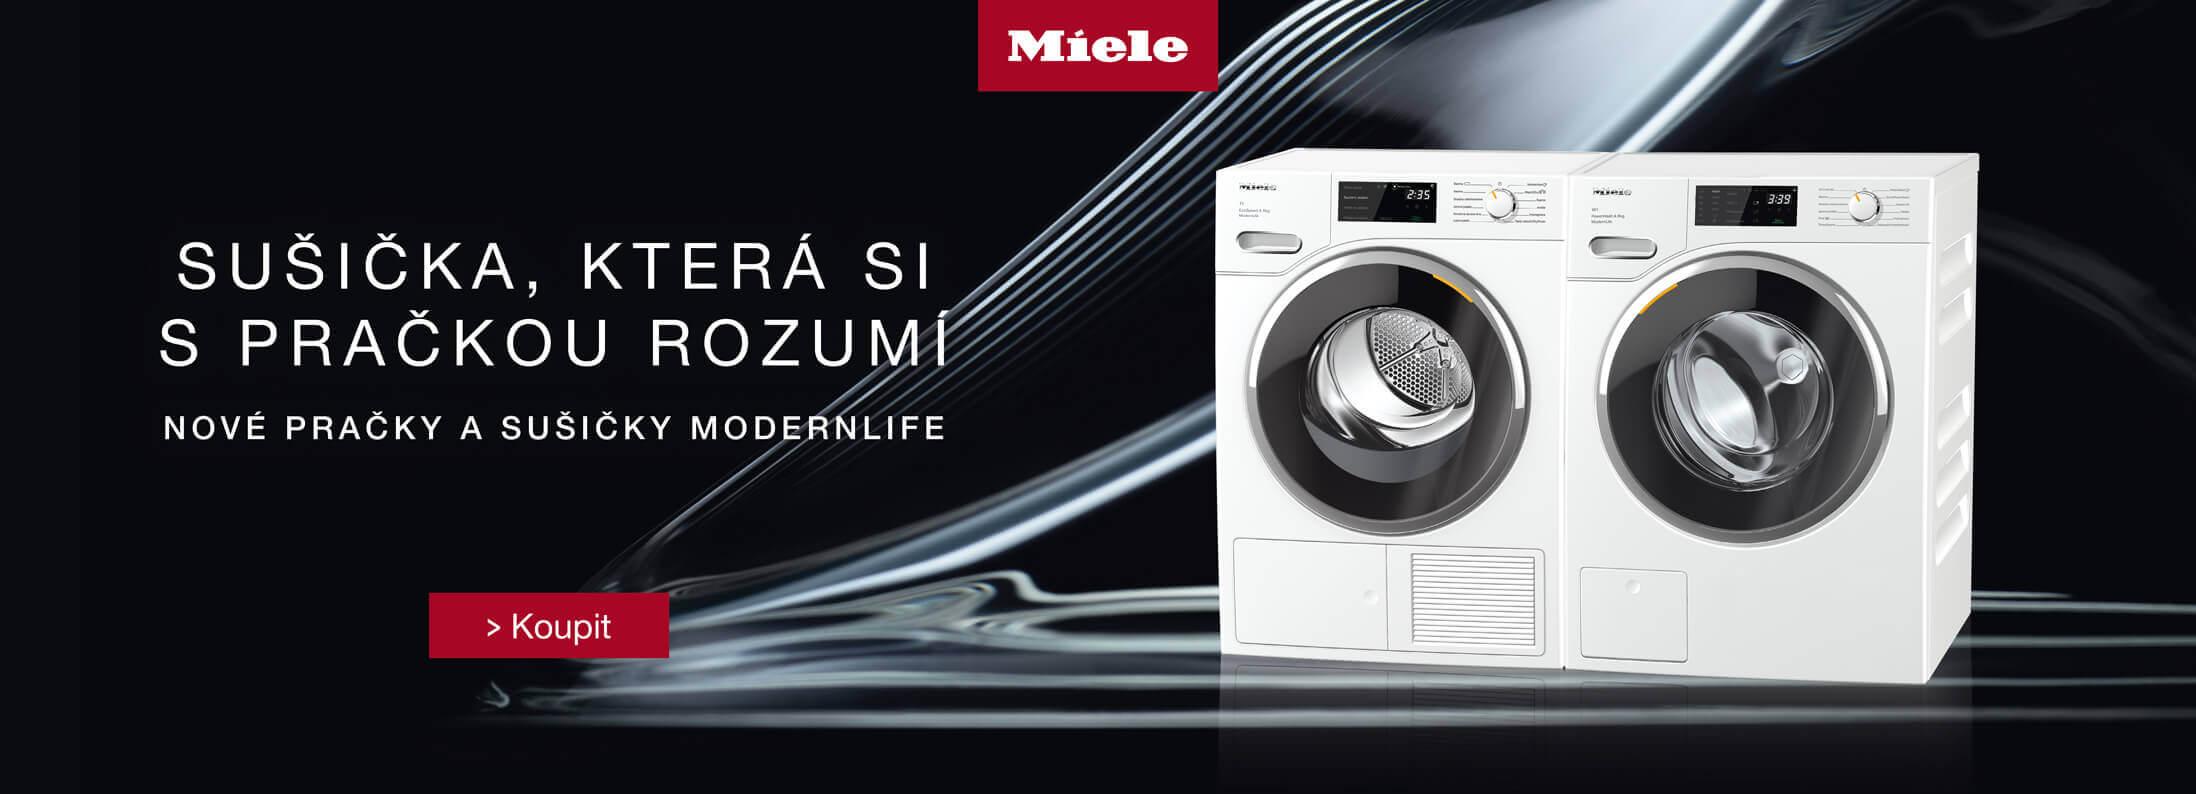 Miele - Nové pračky a sušičky Miele ModernLife